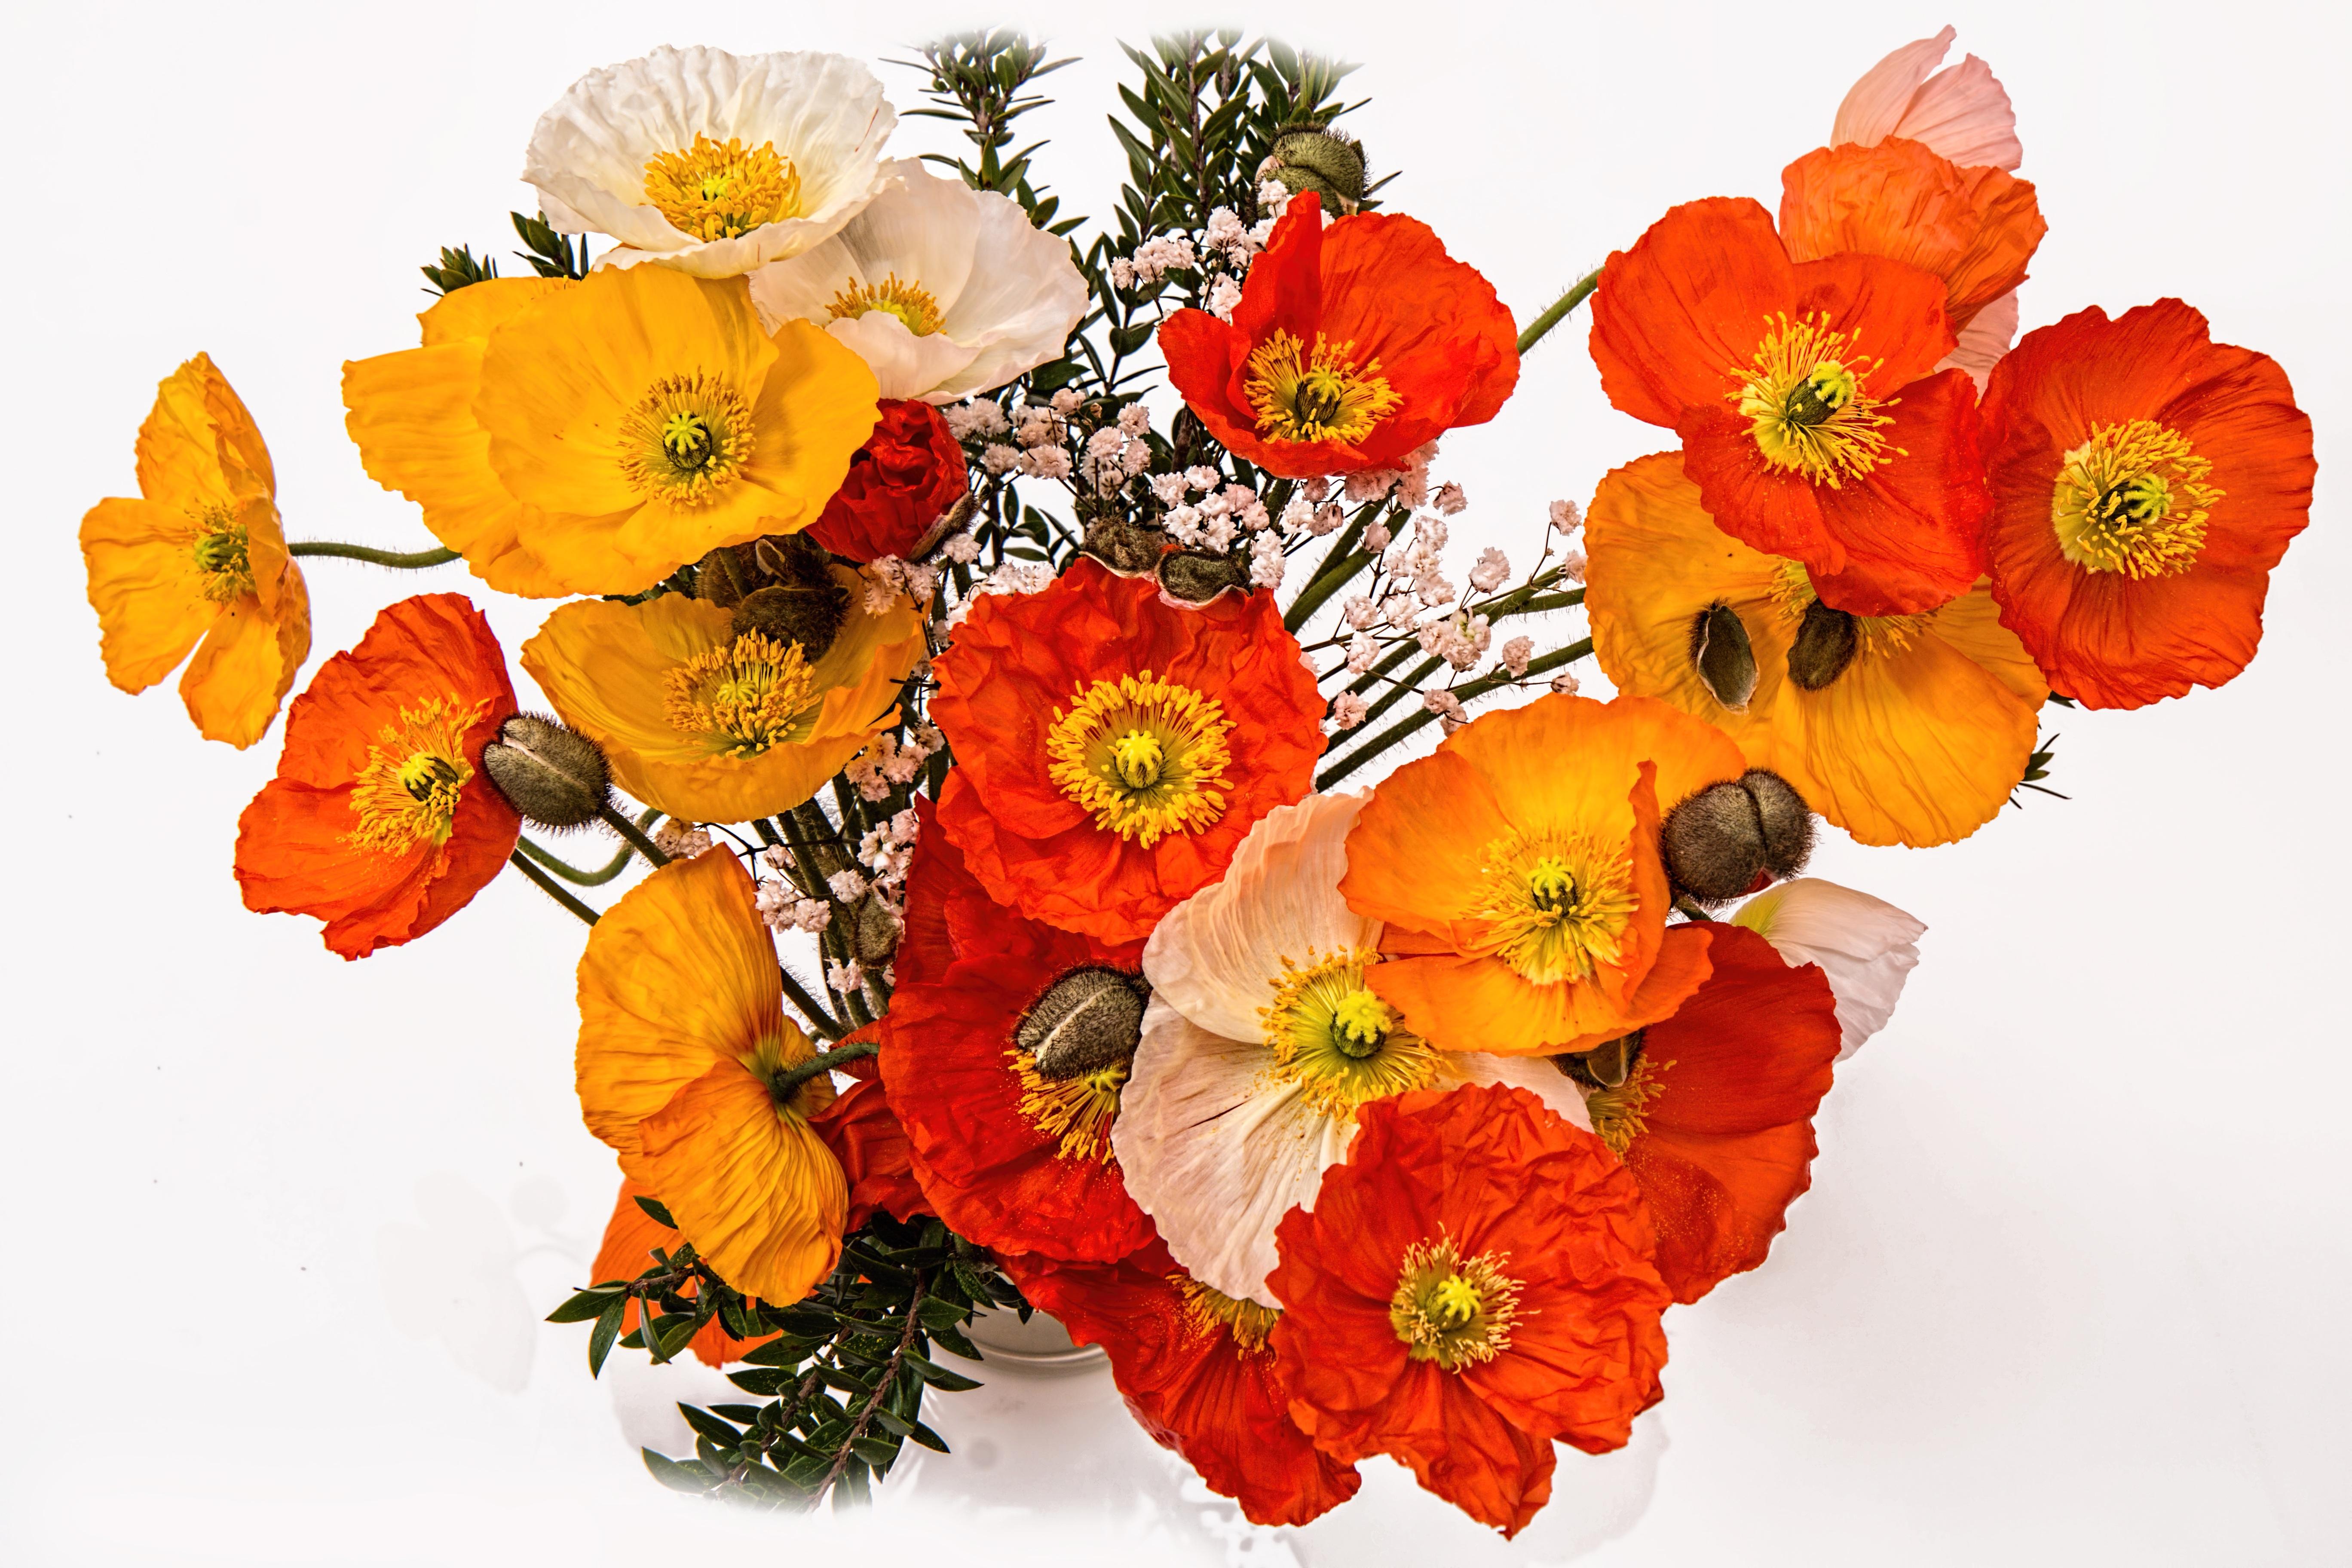 Free Images : blossom, petal, bloom, summer, vase, decoration ...